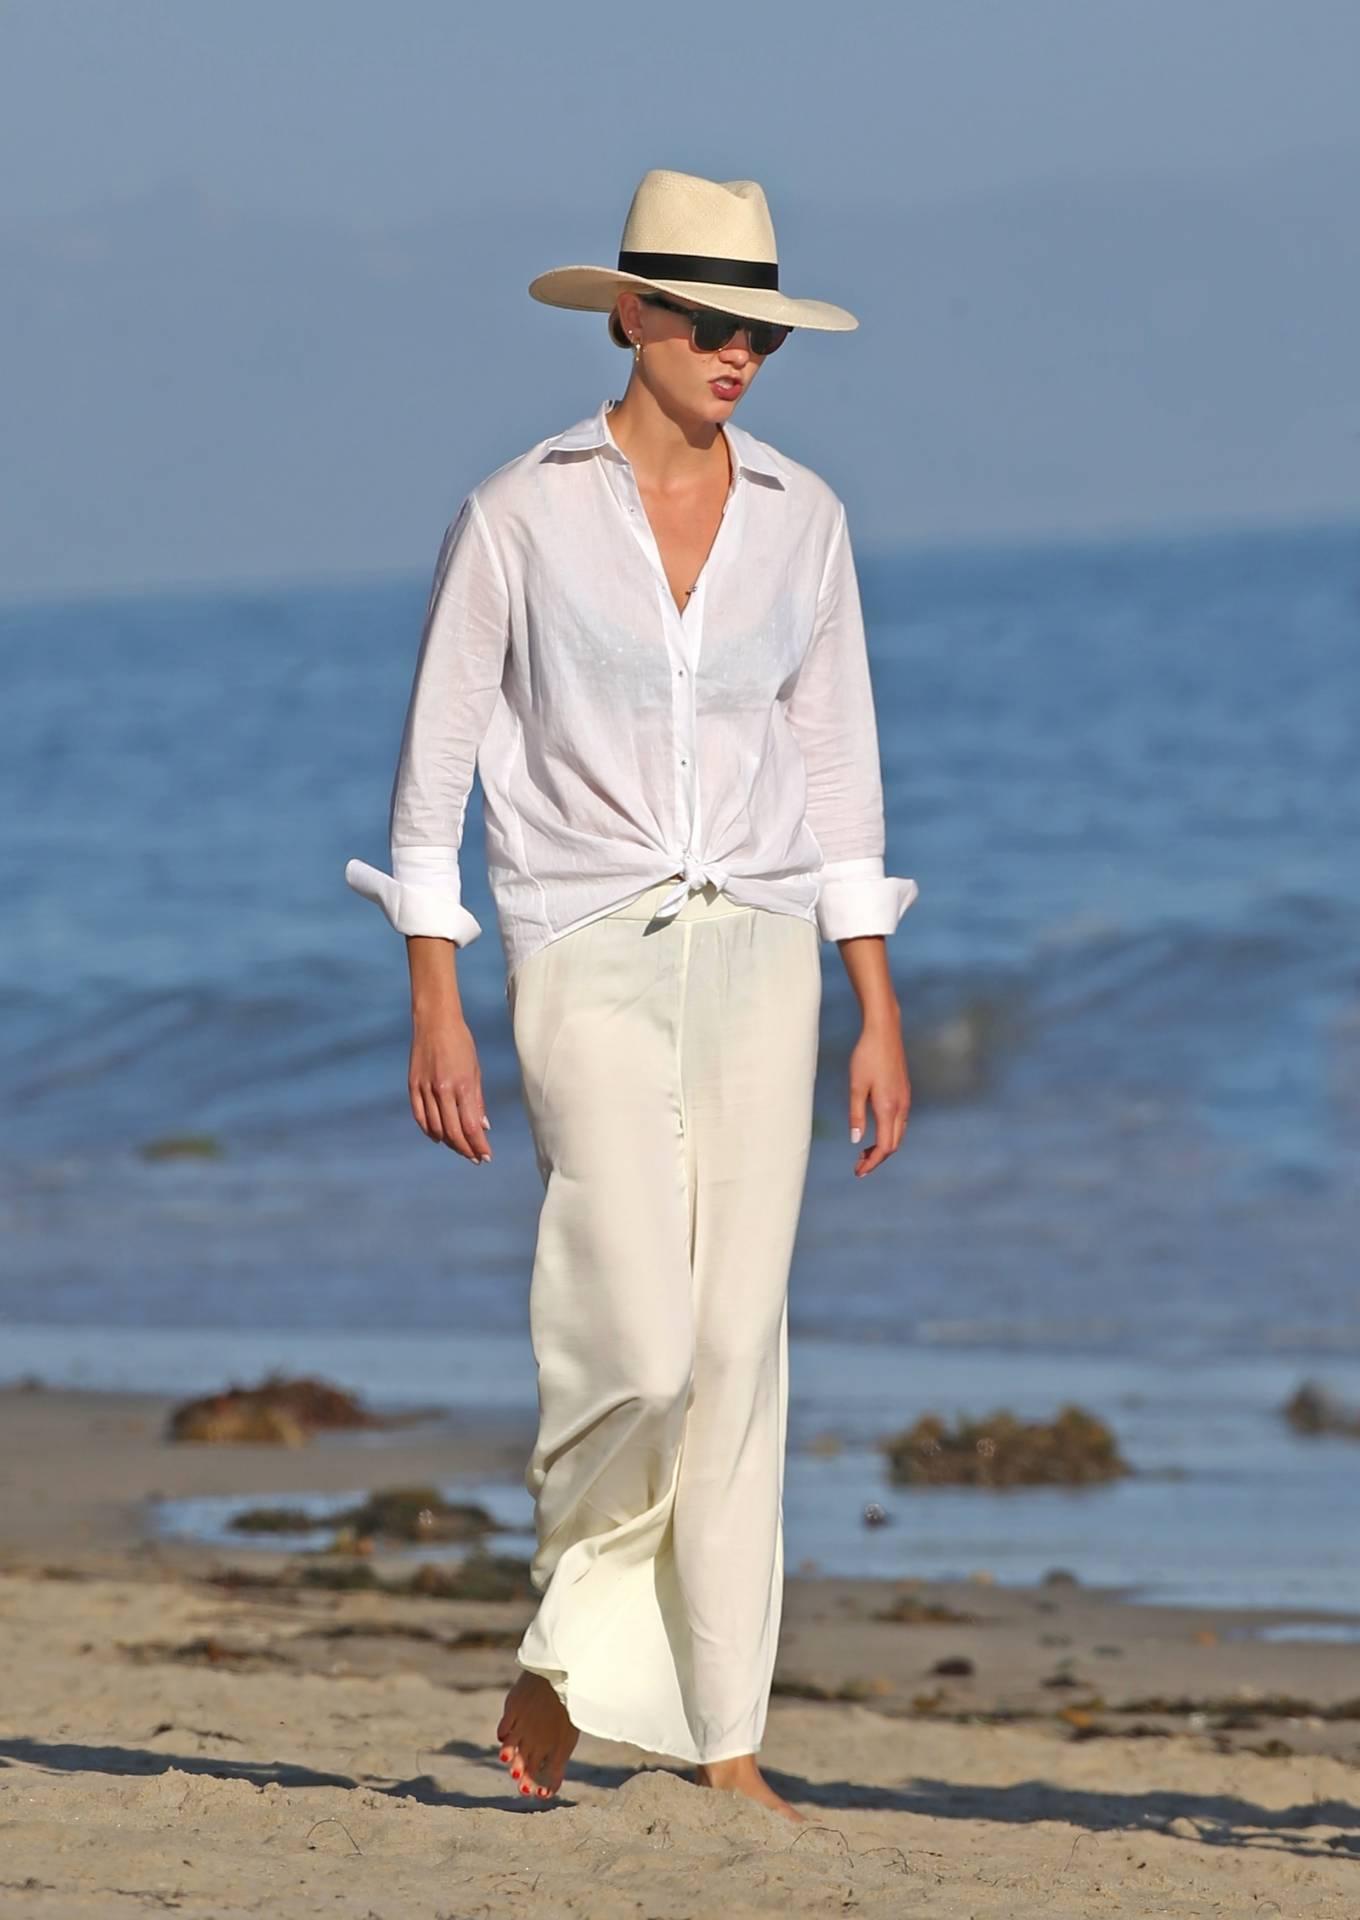 Karlie Kloss - Seen on the beach with